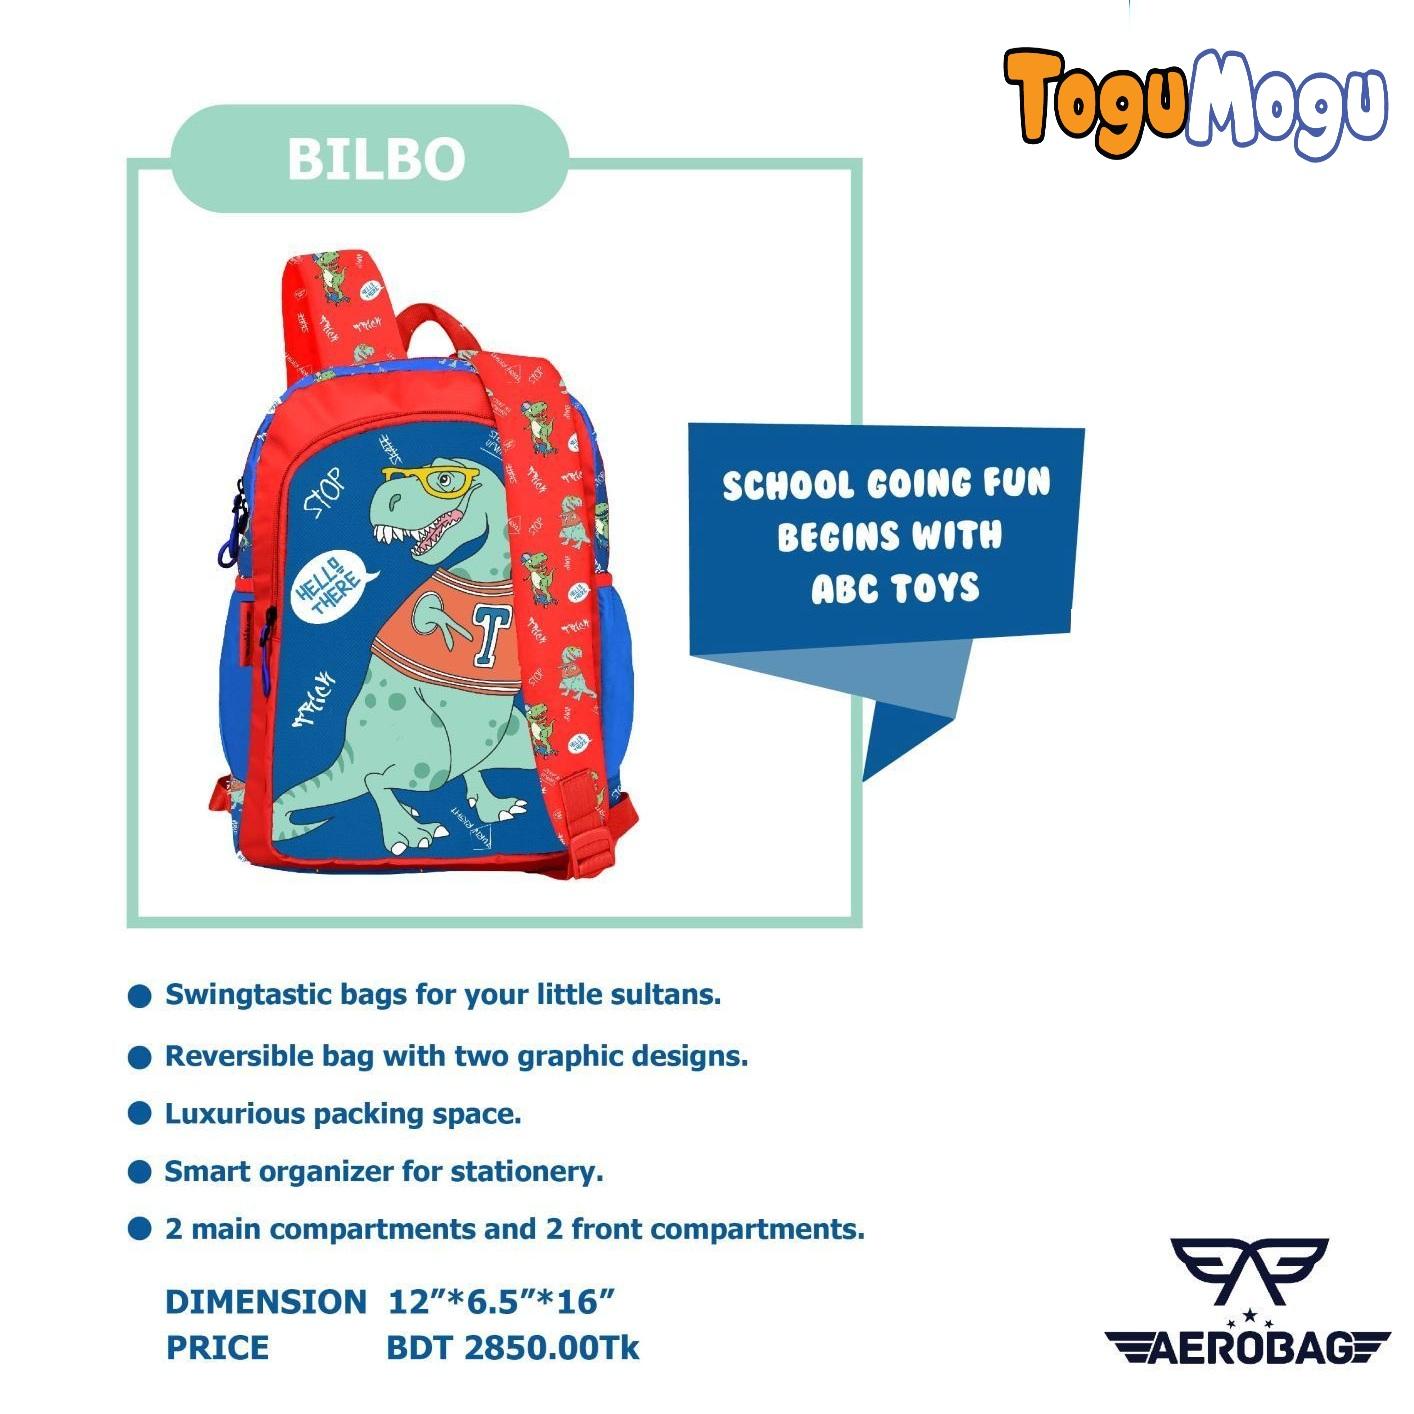 AEROBAG AER027 Bilbo Dino